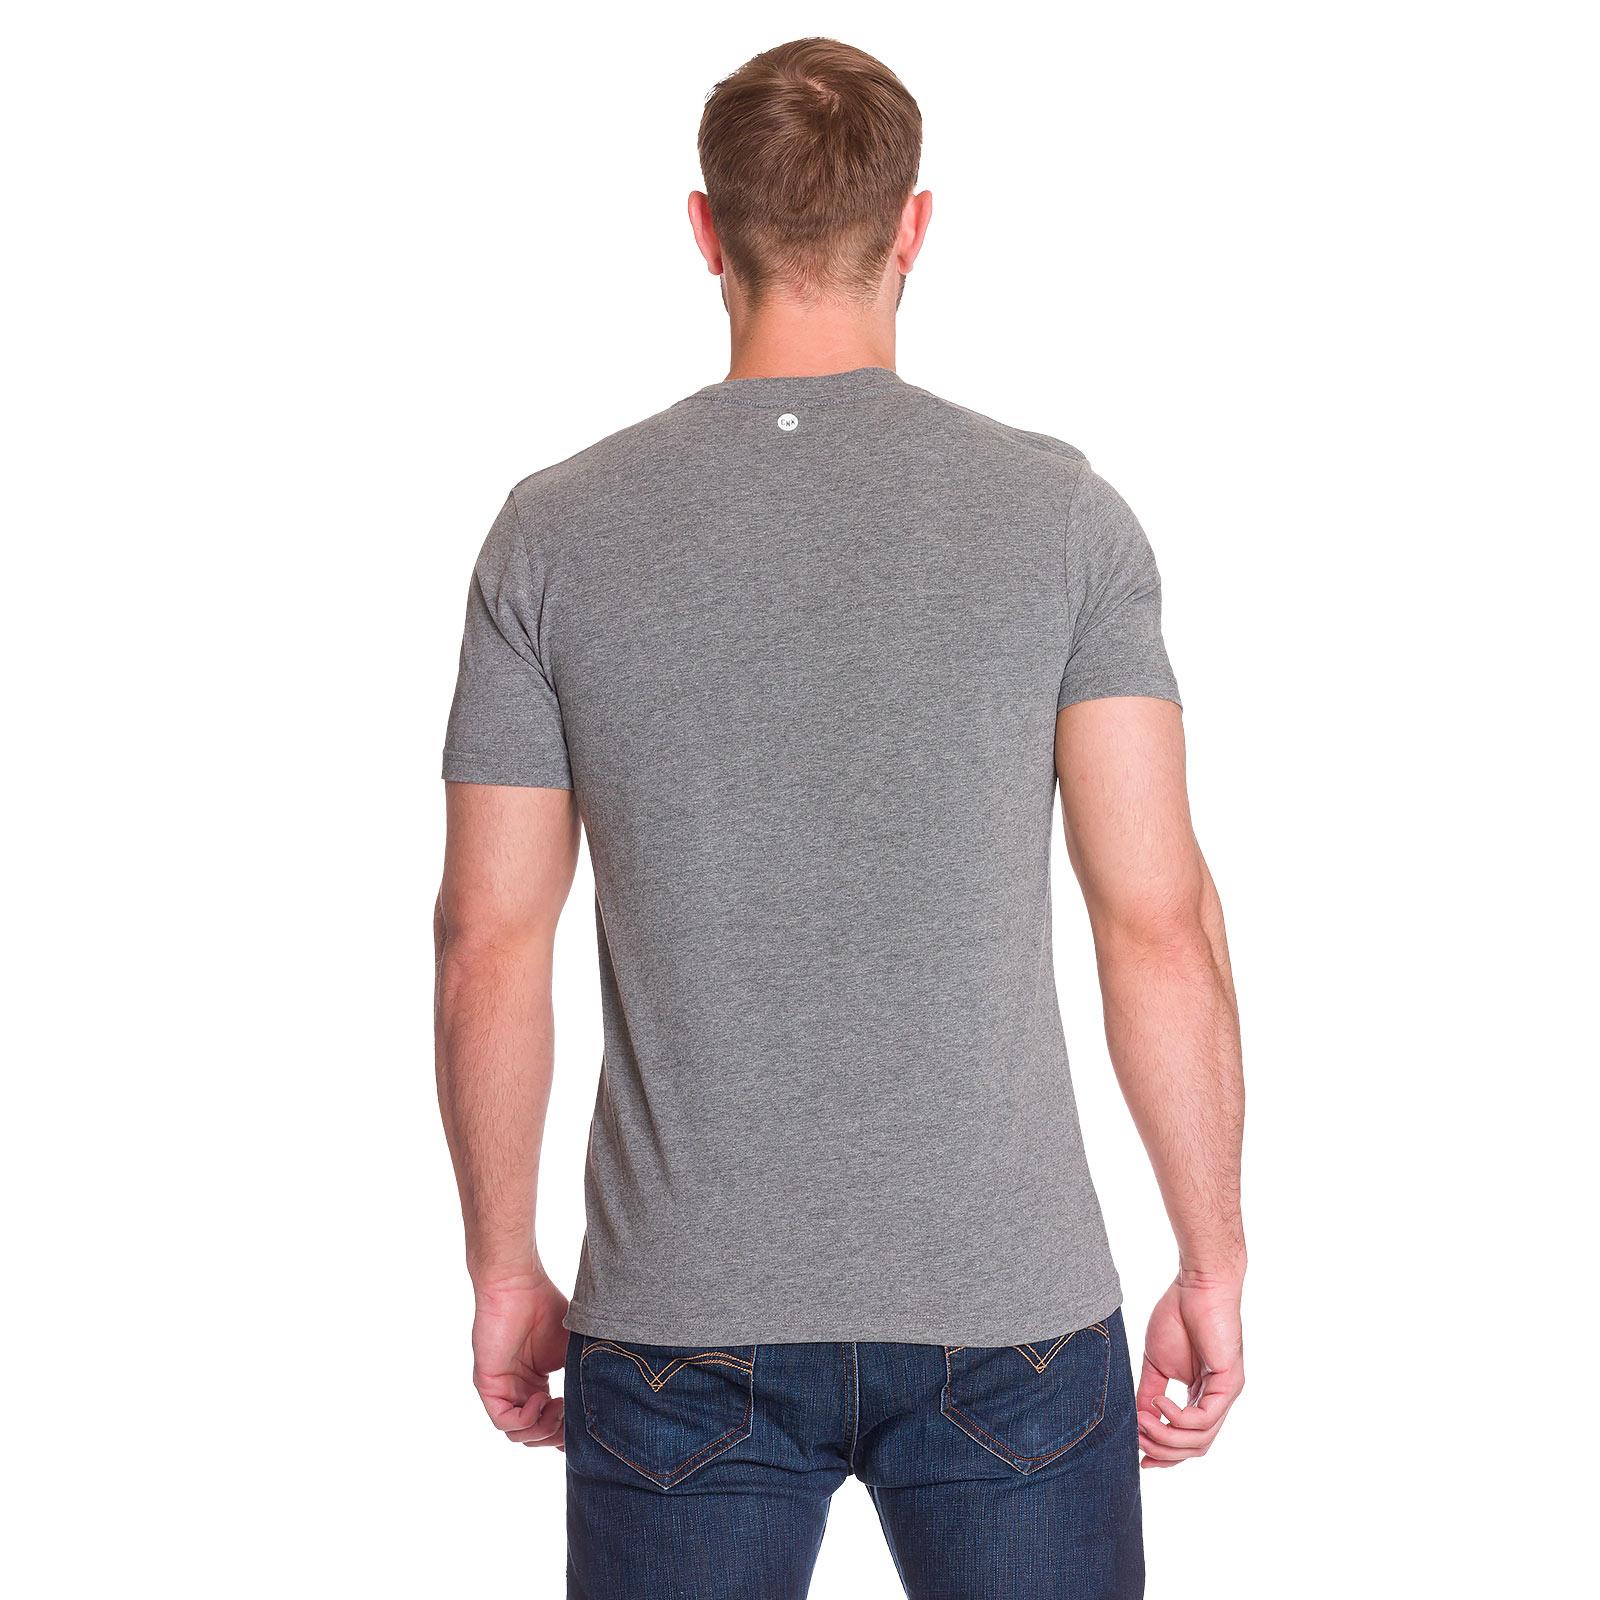 Star Wars - Luke Sketch T-Shirt grau